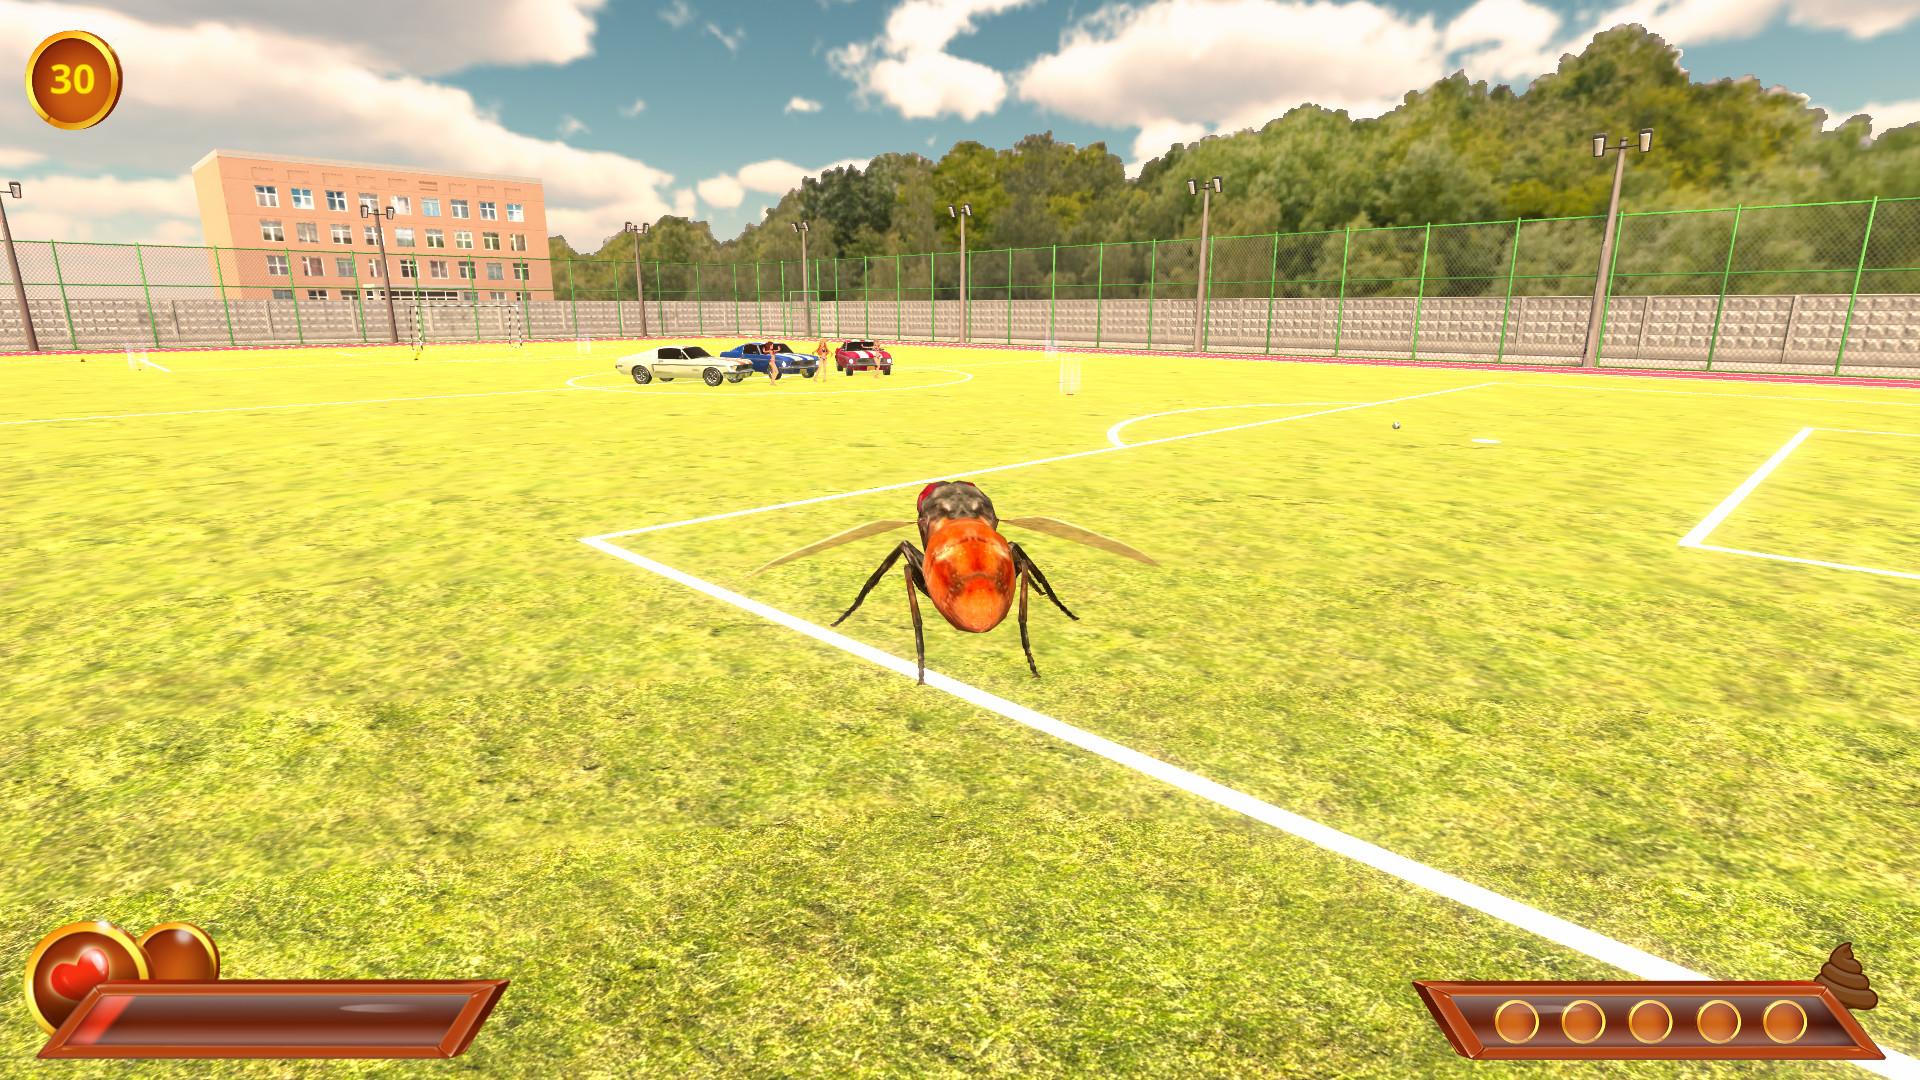 【Steam】透視眼看歐派!18禁遊戲「蒼蠅隊長」銅板價上市!